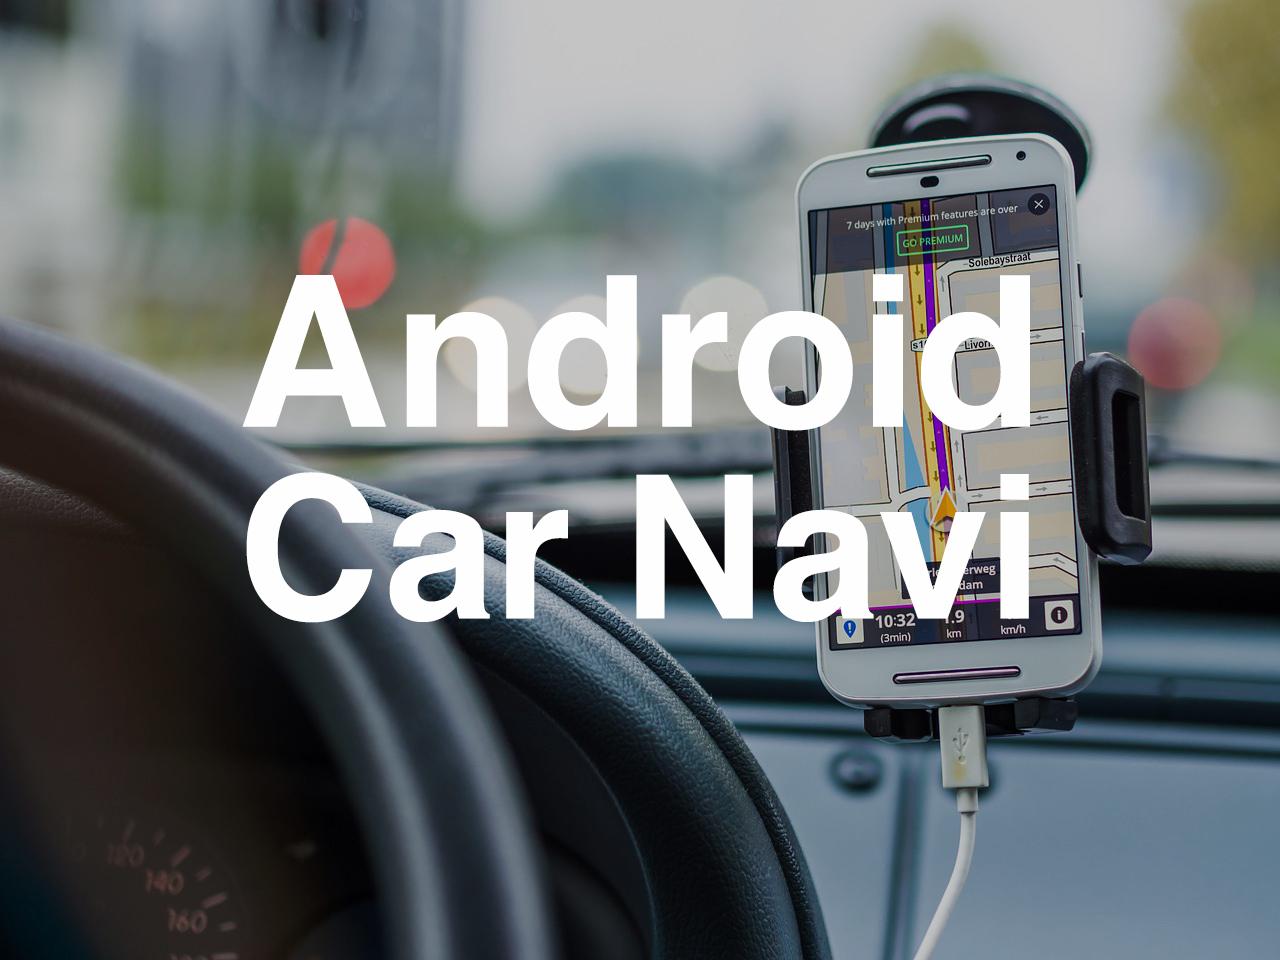 Android カーナビ